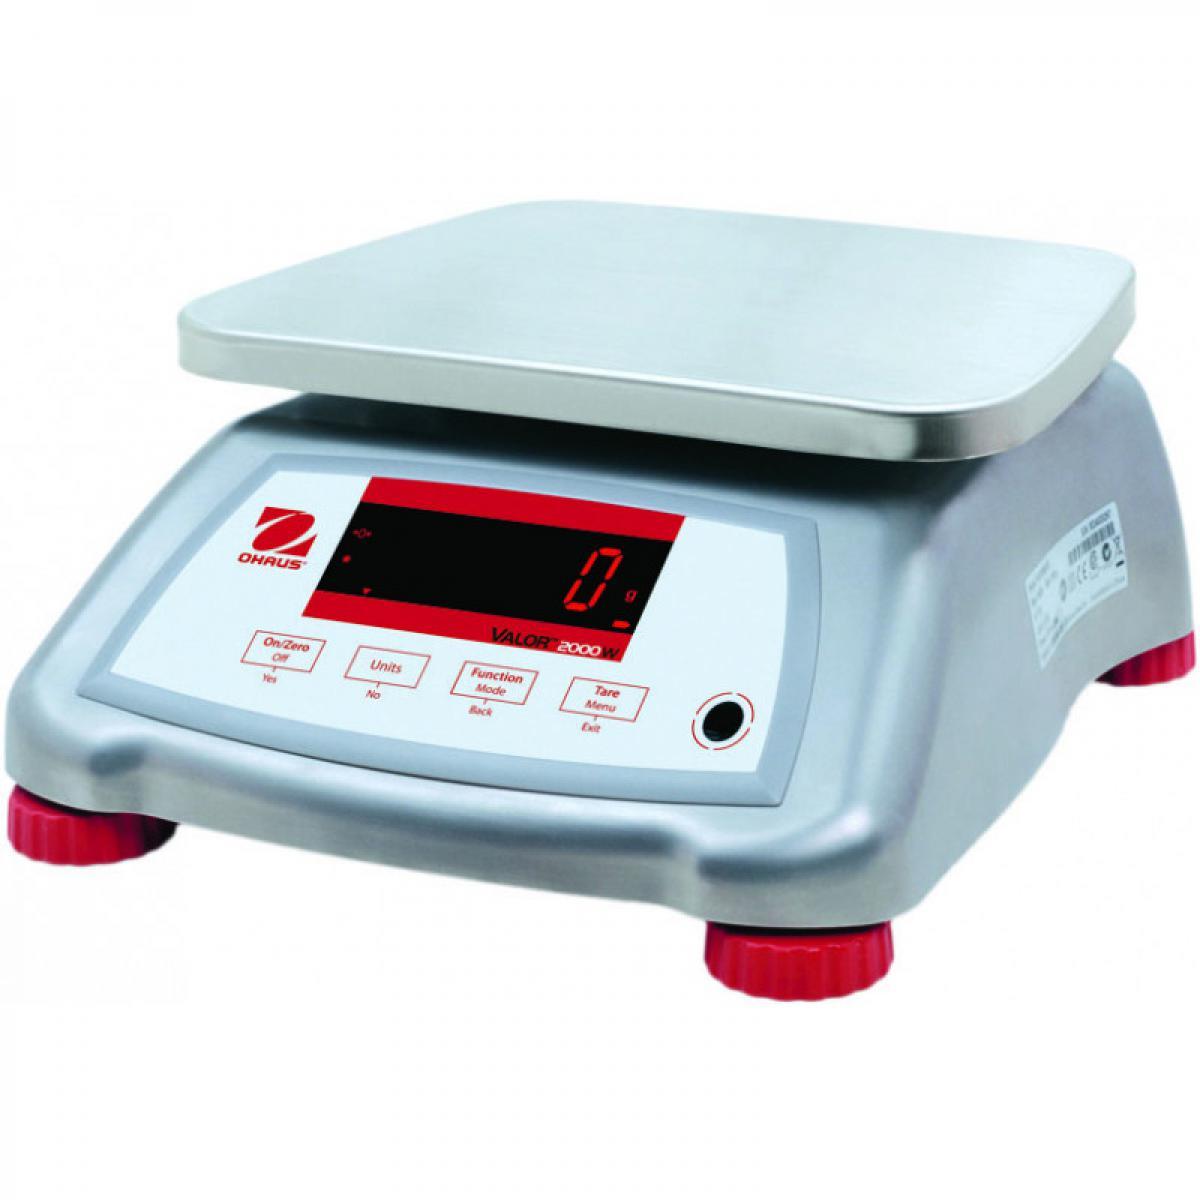 Materiel Chr Pro Balance de Cuisine Étanche en Inox 3 à 15 Kg - Stalgast - Inox 6 kg - 1 g 3 kg